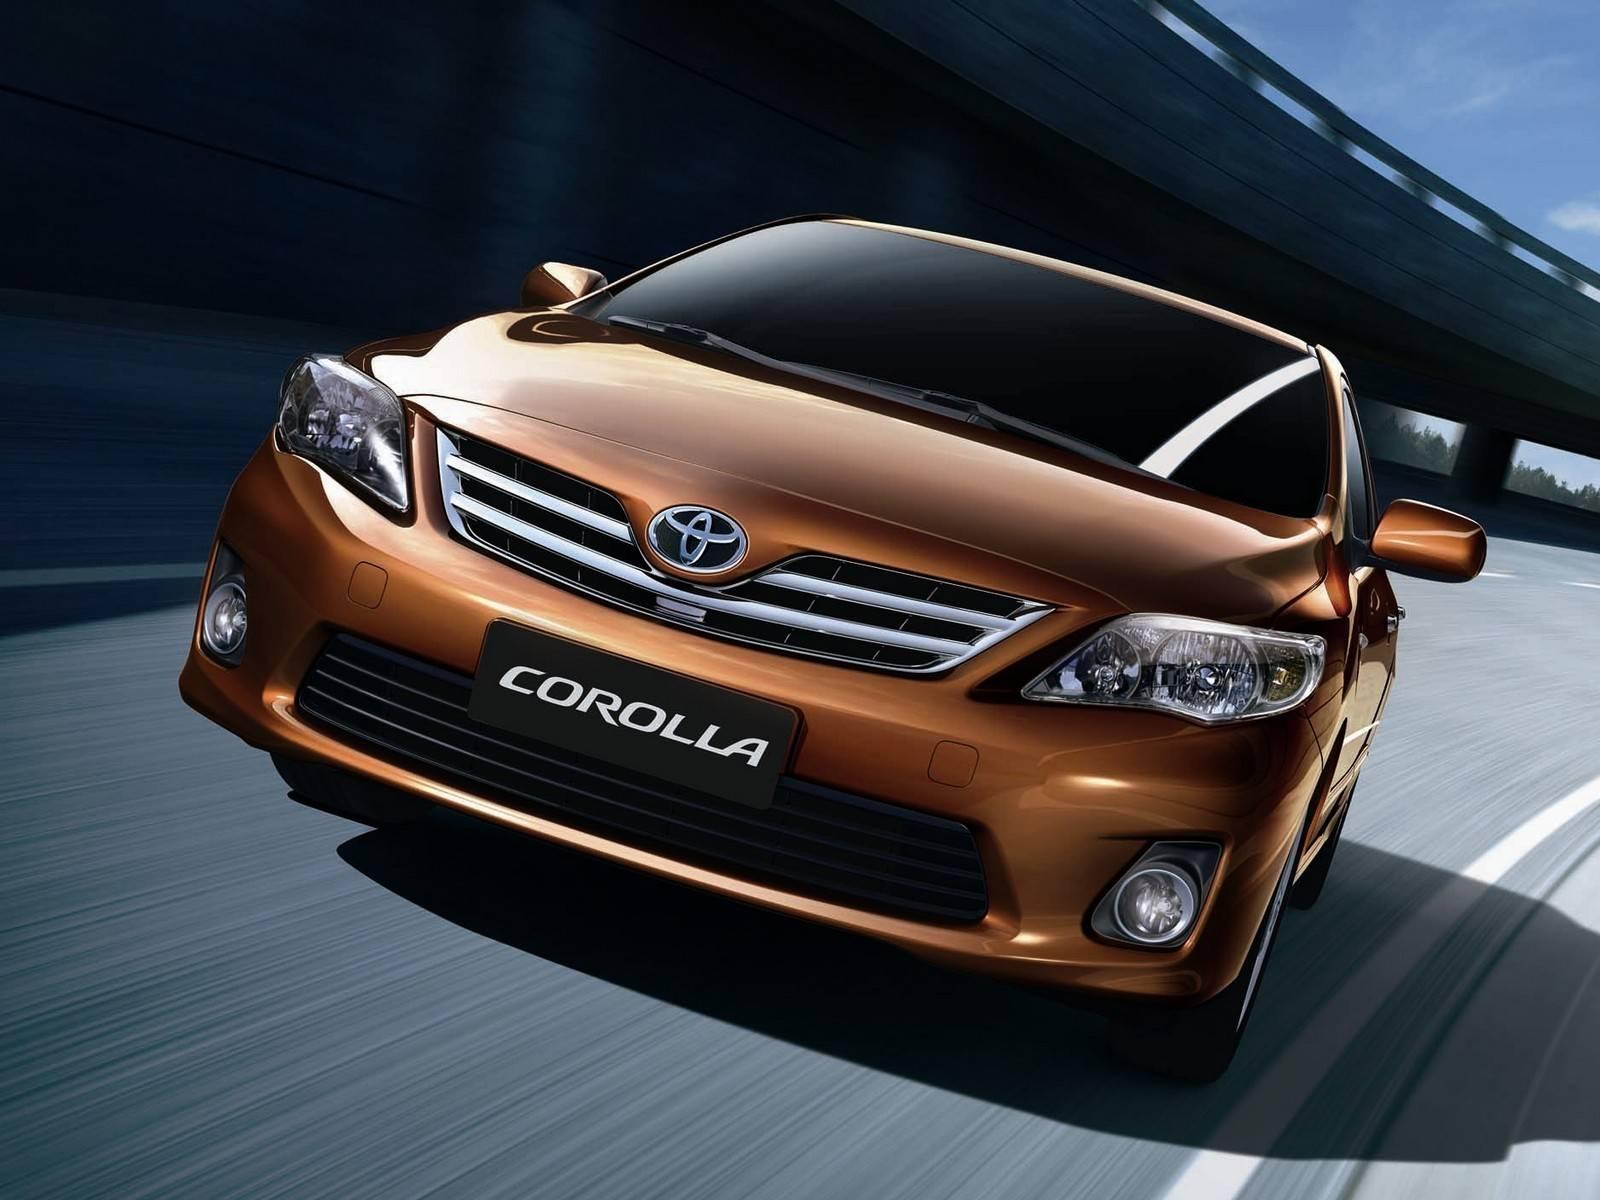 Авто за 600 000, или что купить вместо Toyota Corolla